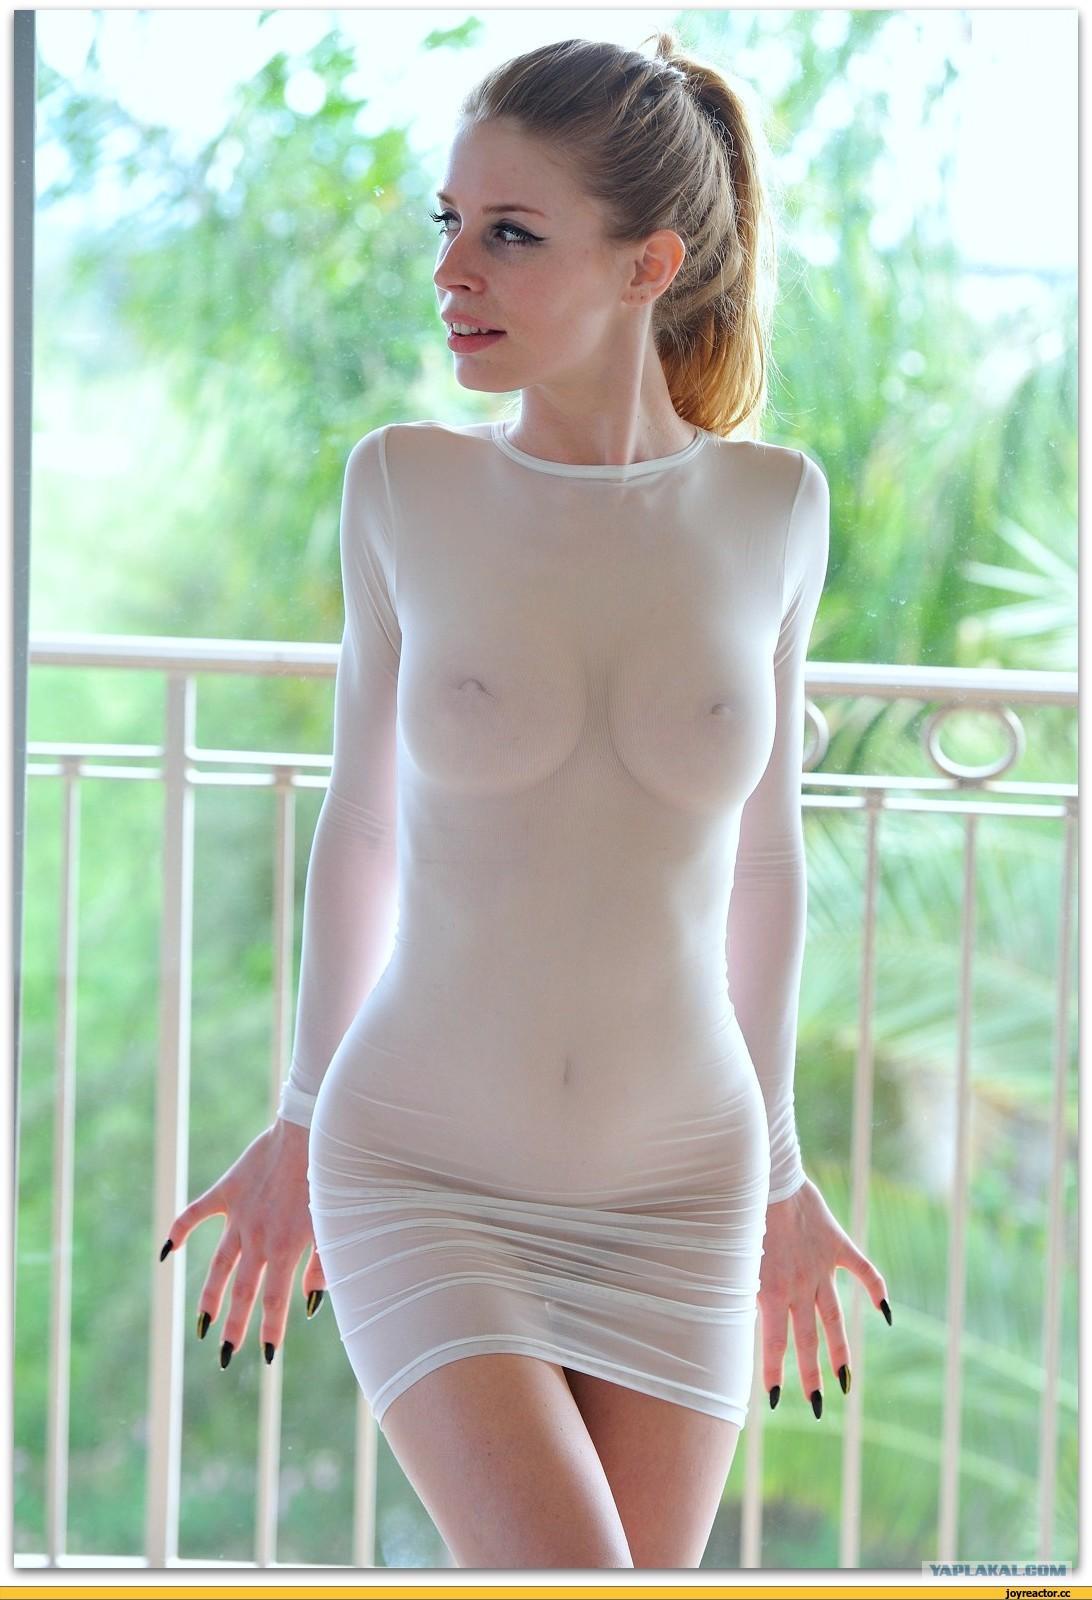 Порно голая попа в прозрачном платье на лестнице постели видео ласкаются